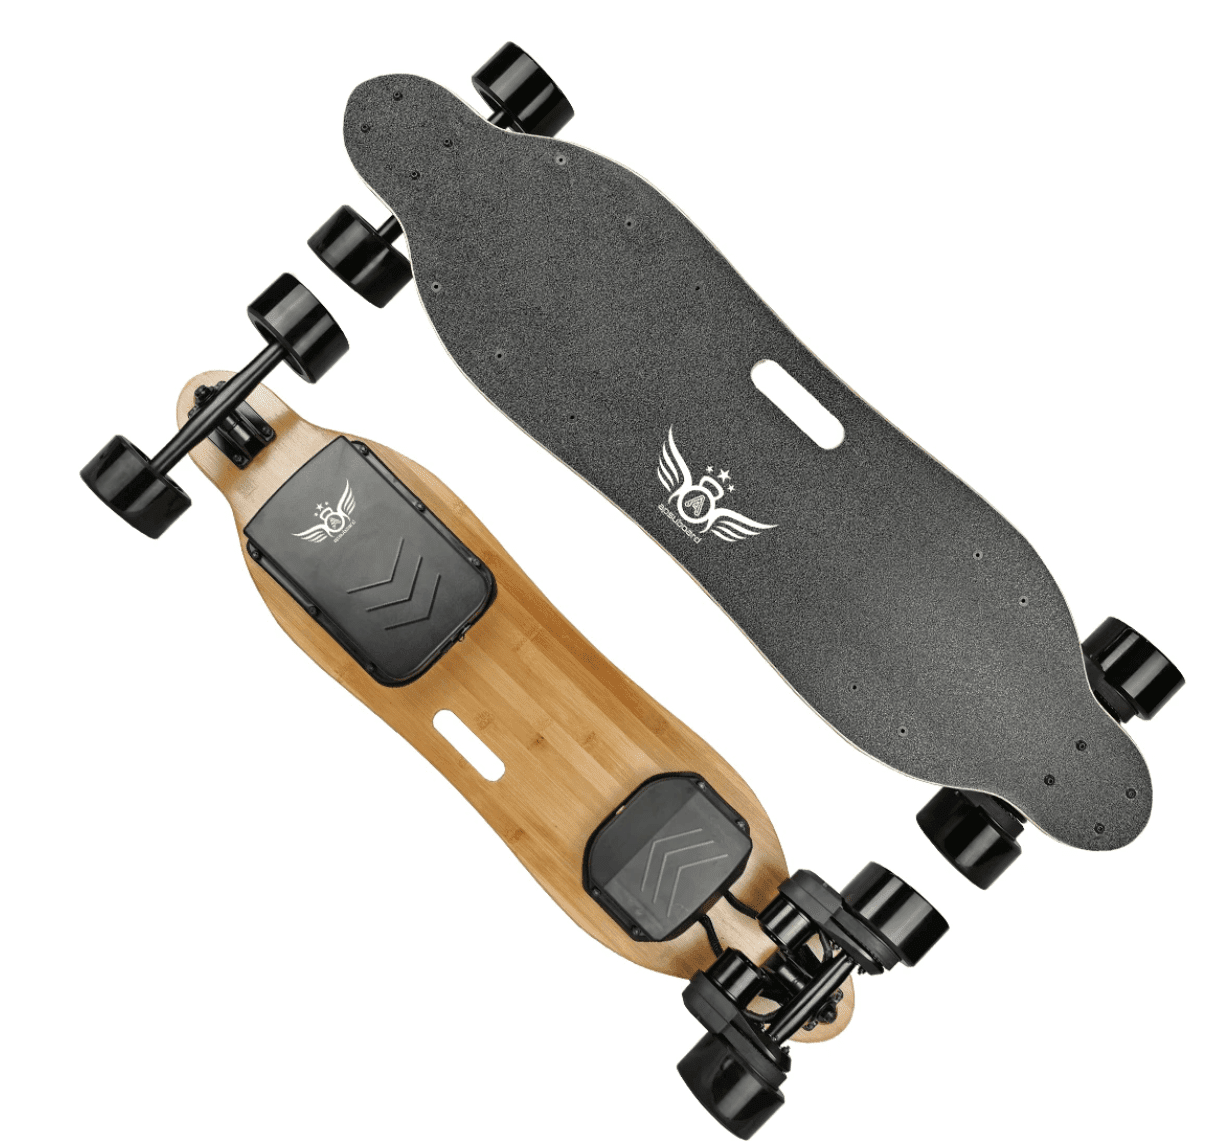 Apsu Board X1